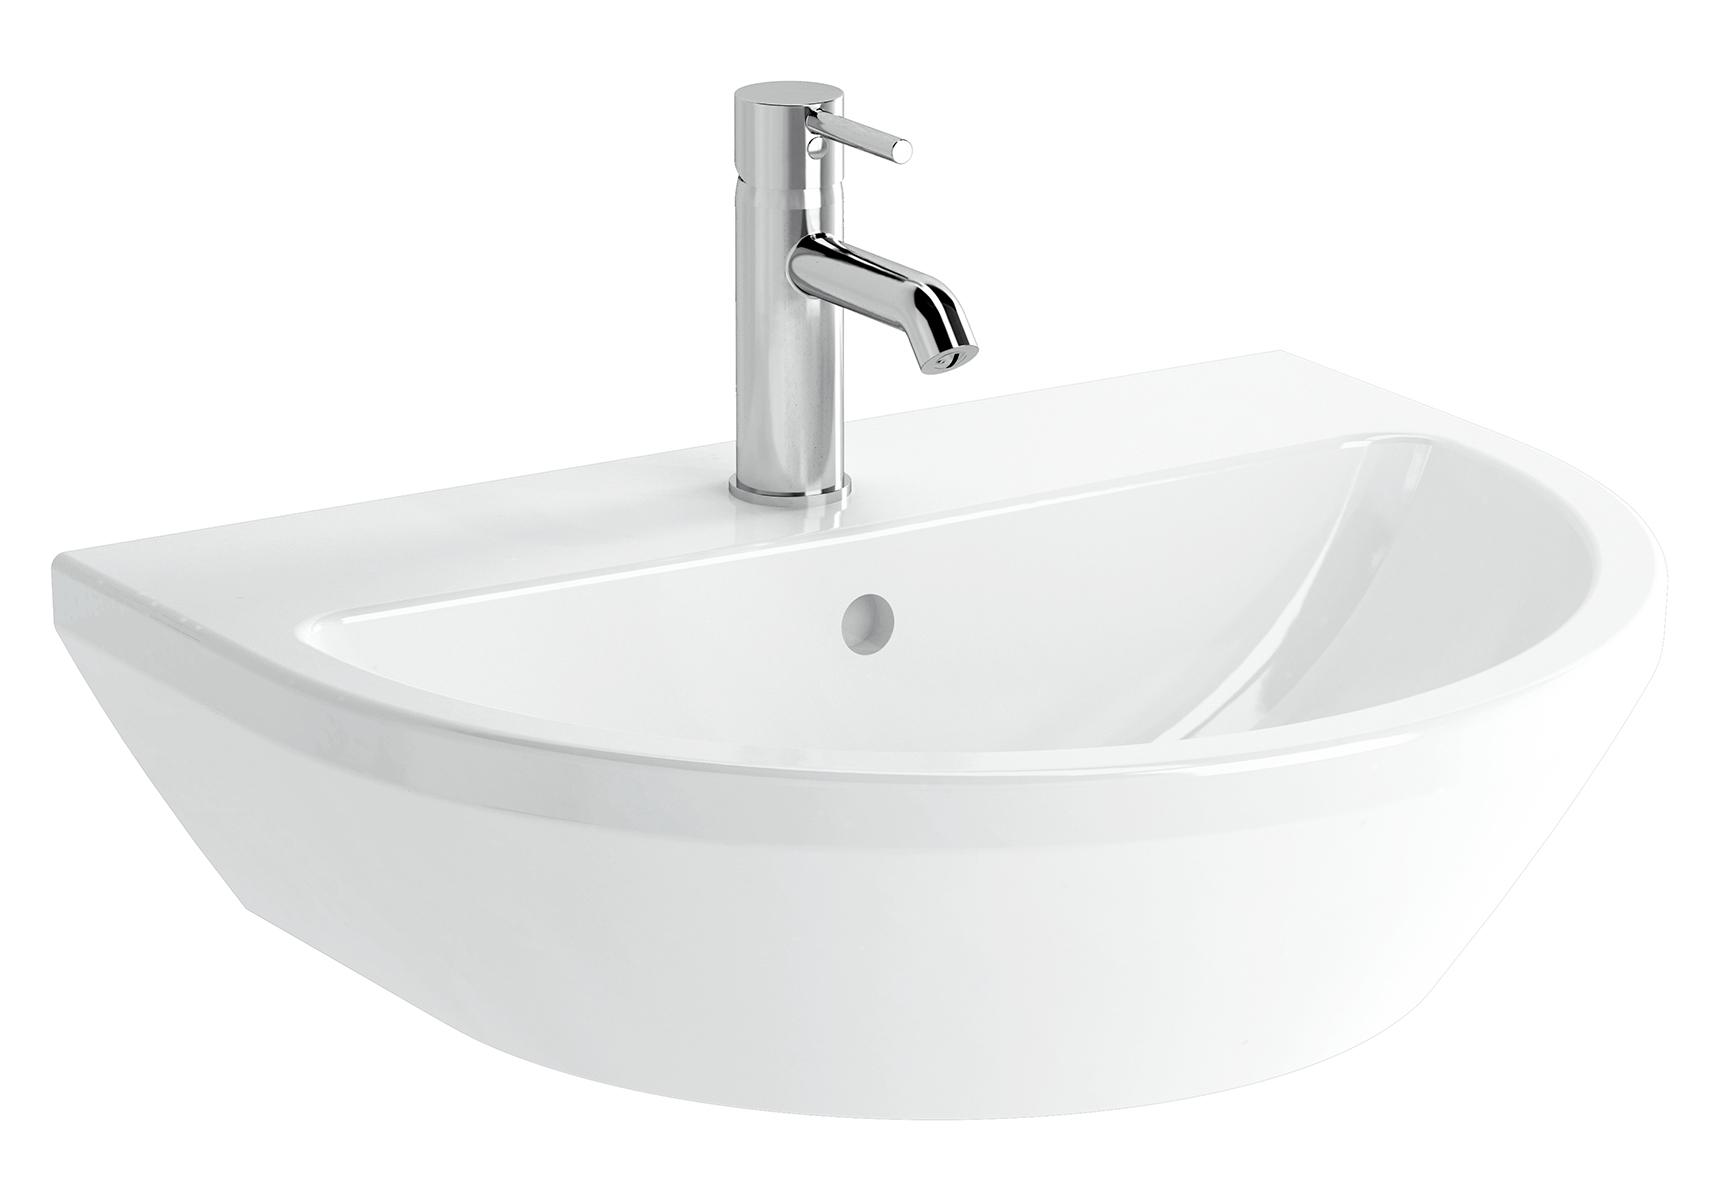 Integra lavabo rond, 60 cm, avec trou de robinet, sans trop-plein